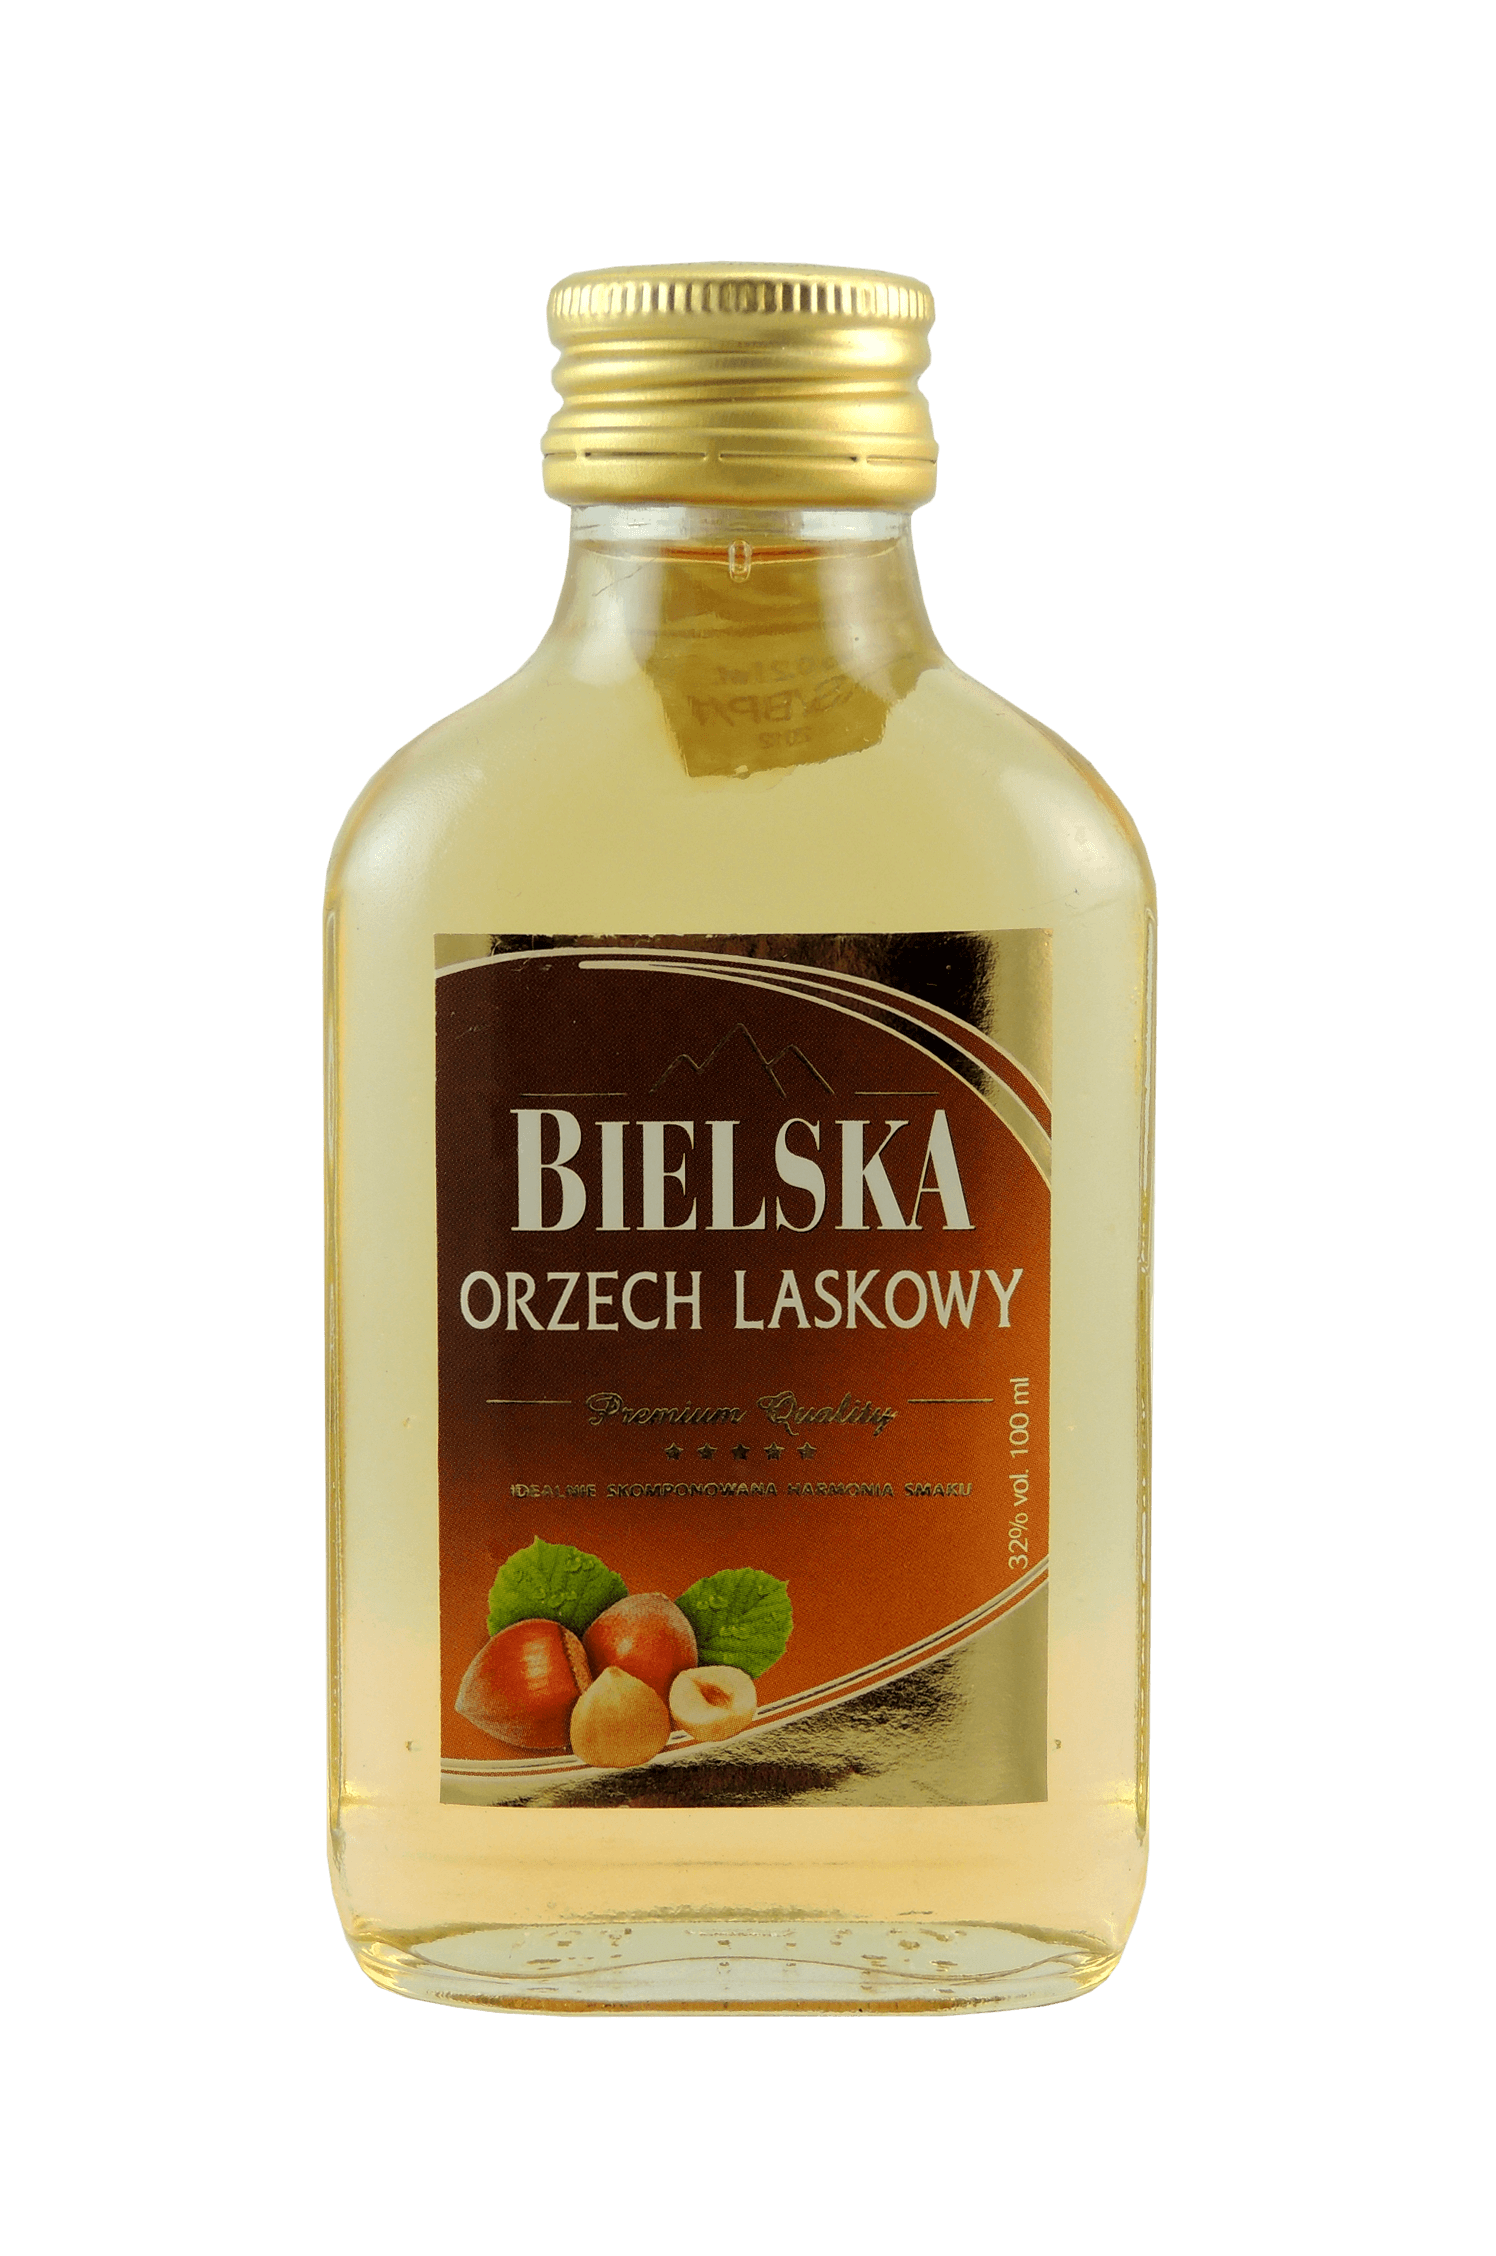 Bielska Orzech Laskowy